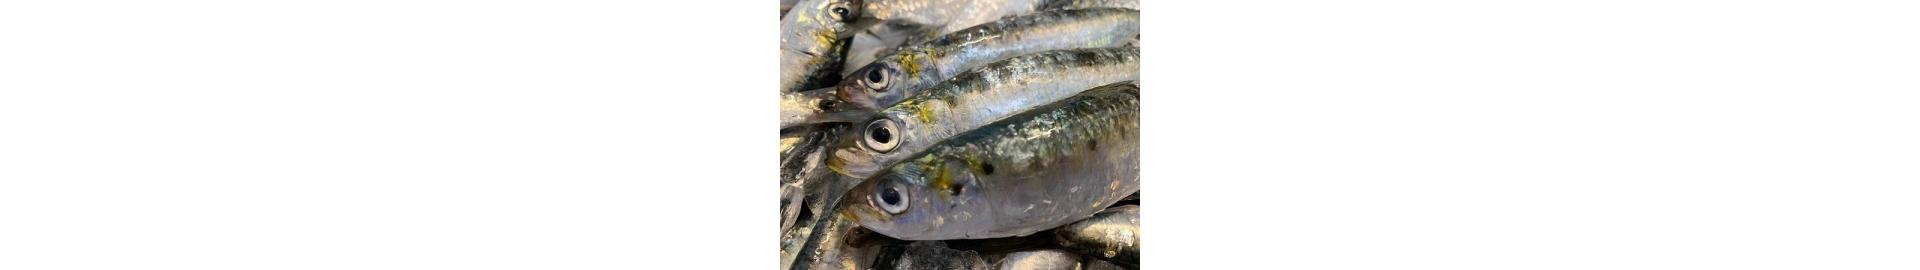 Comprar sardina ibérica